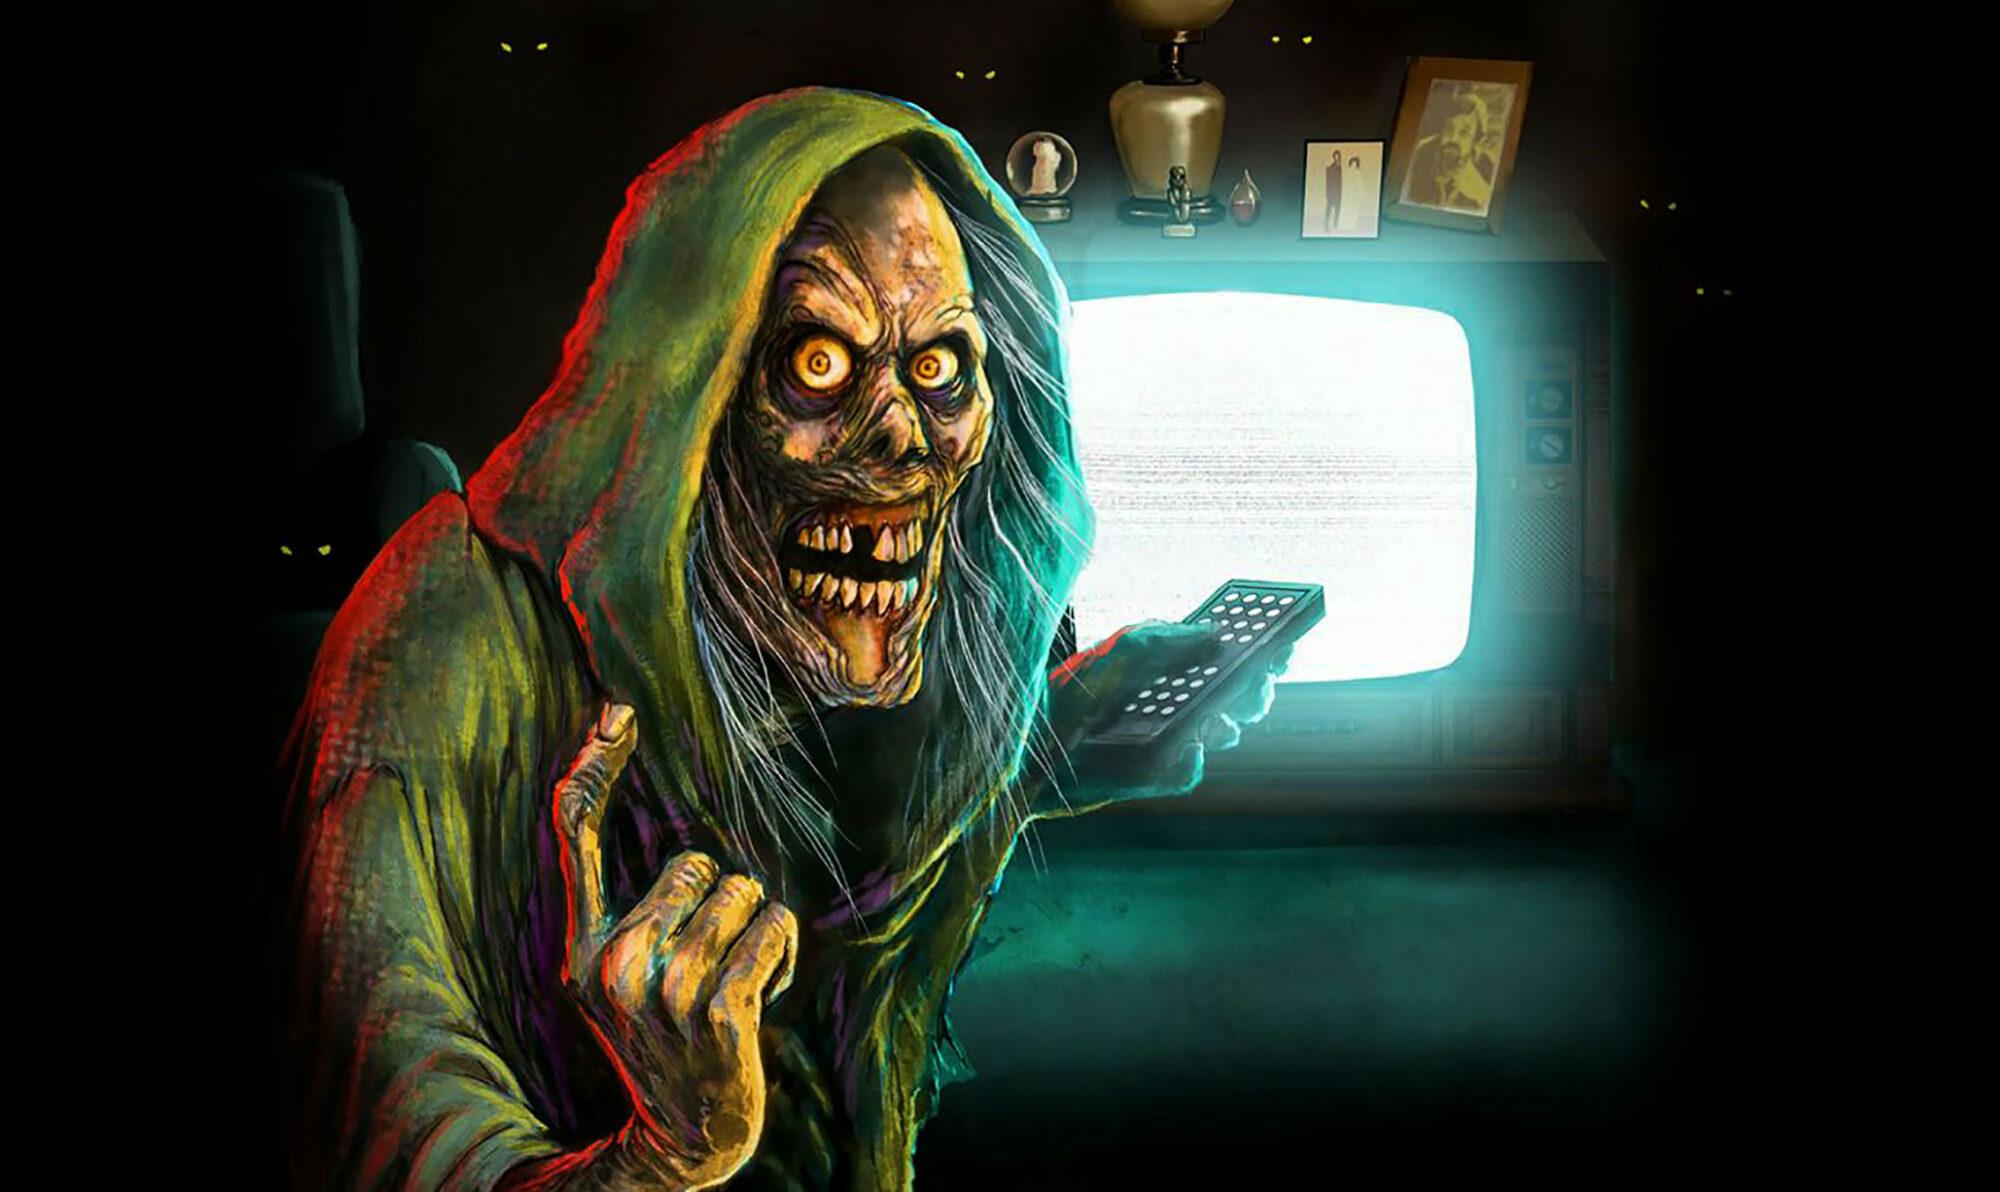 Pubblicato il primo trailer della nuova serie Creepshow thumbnail